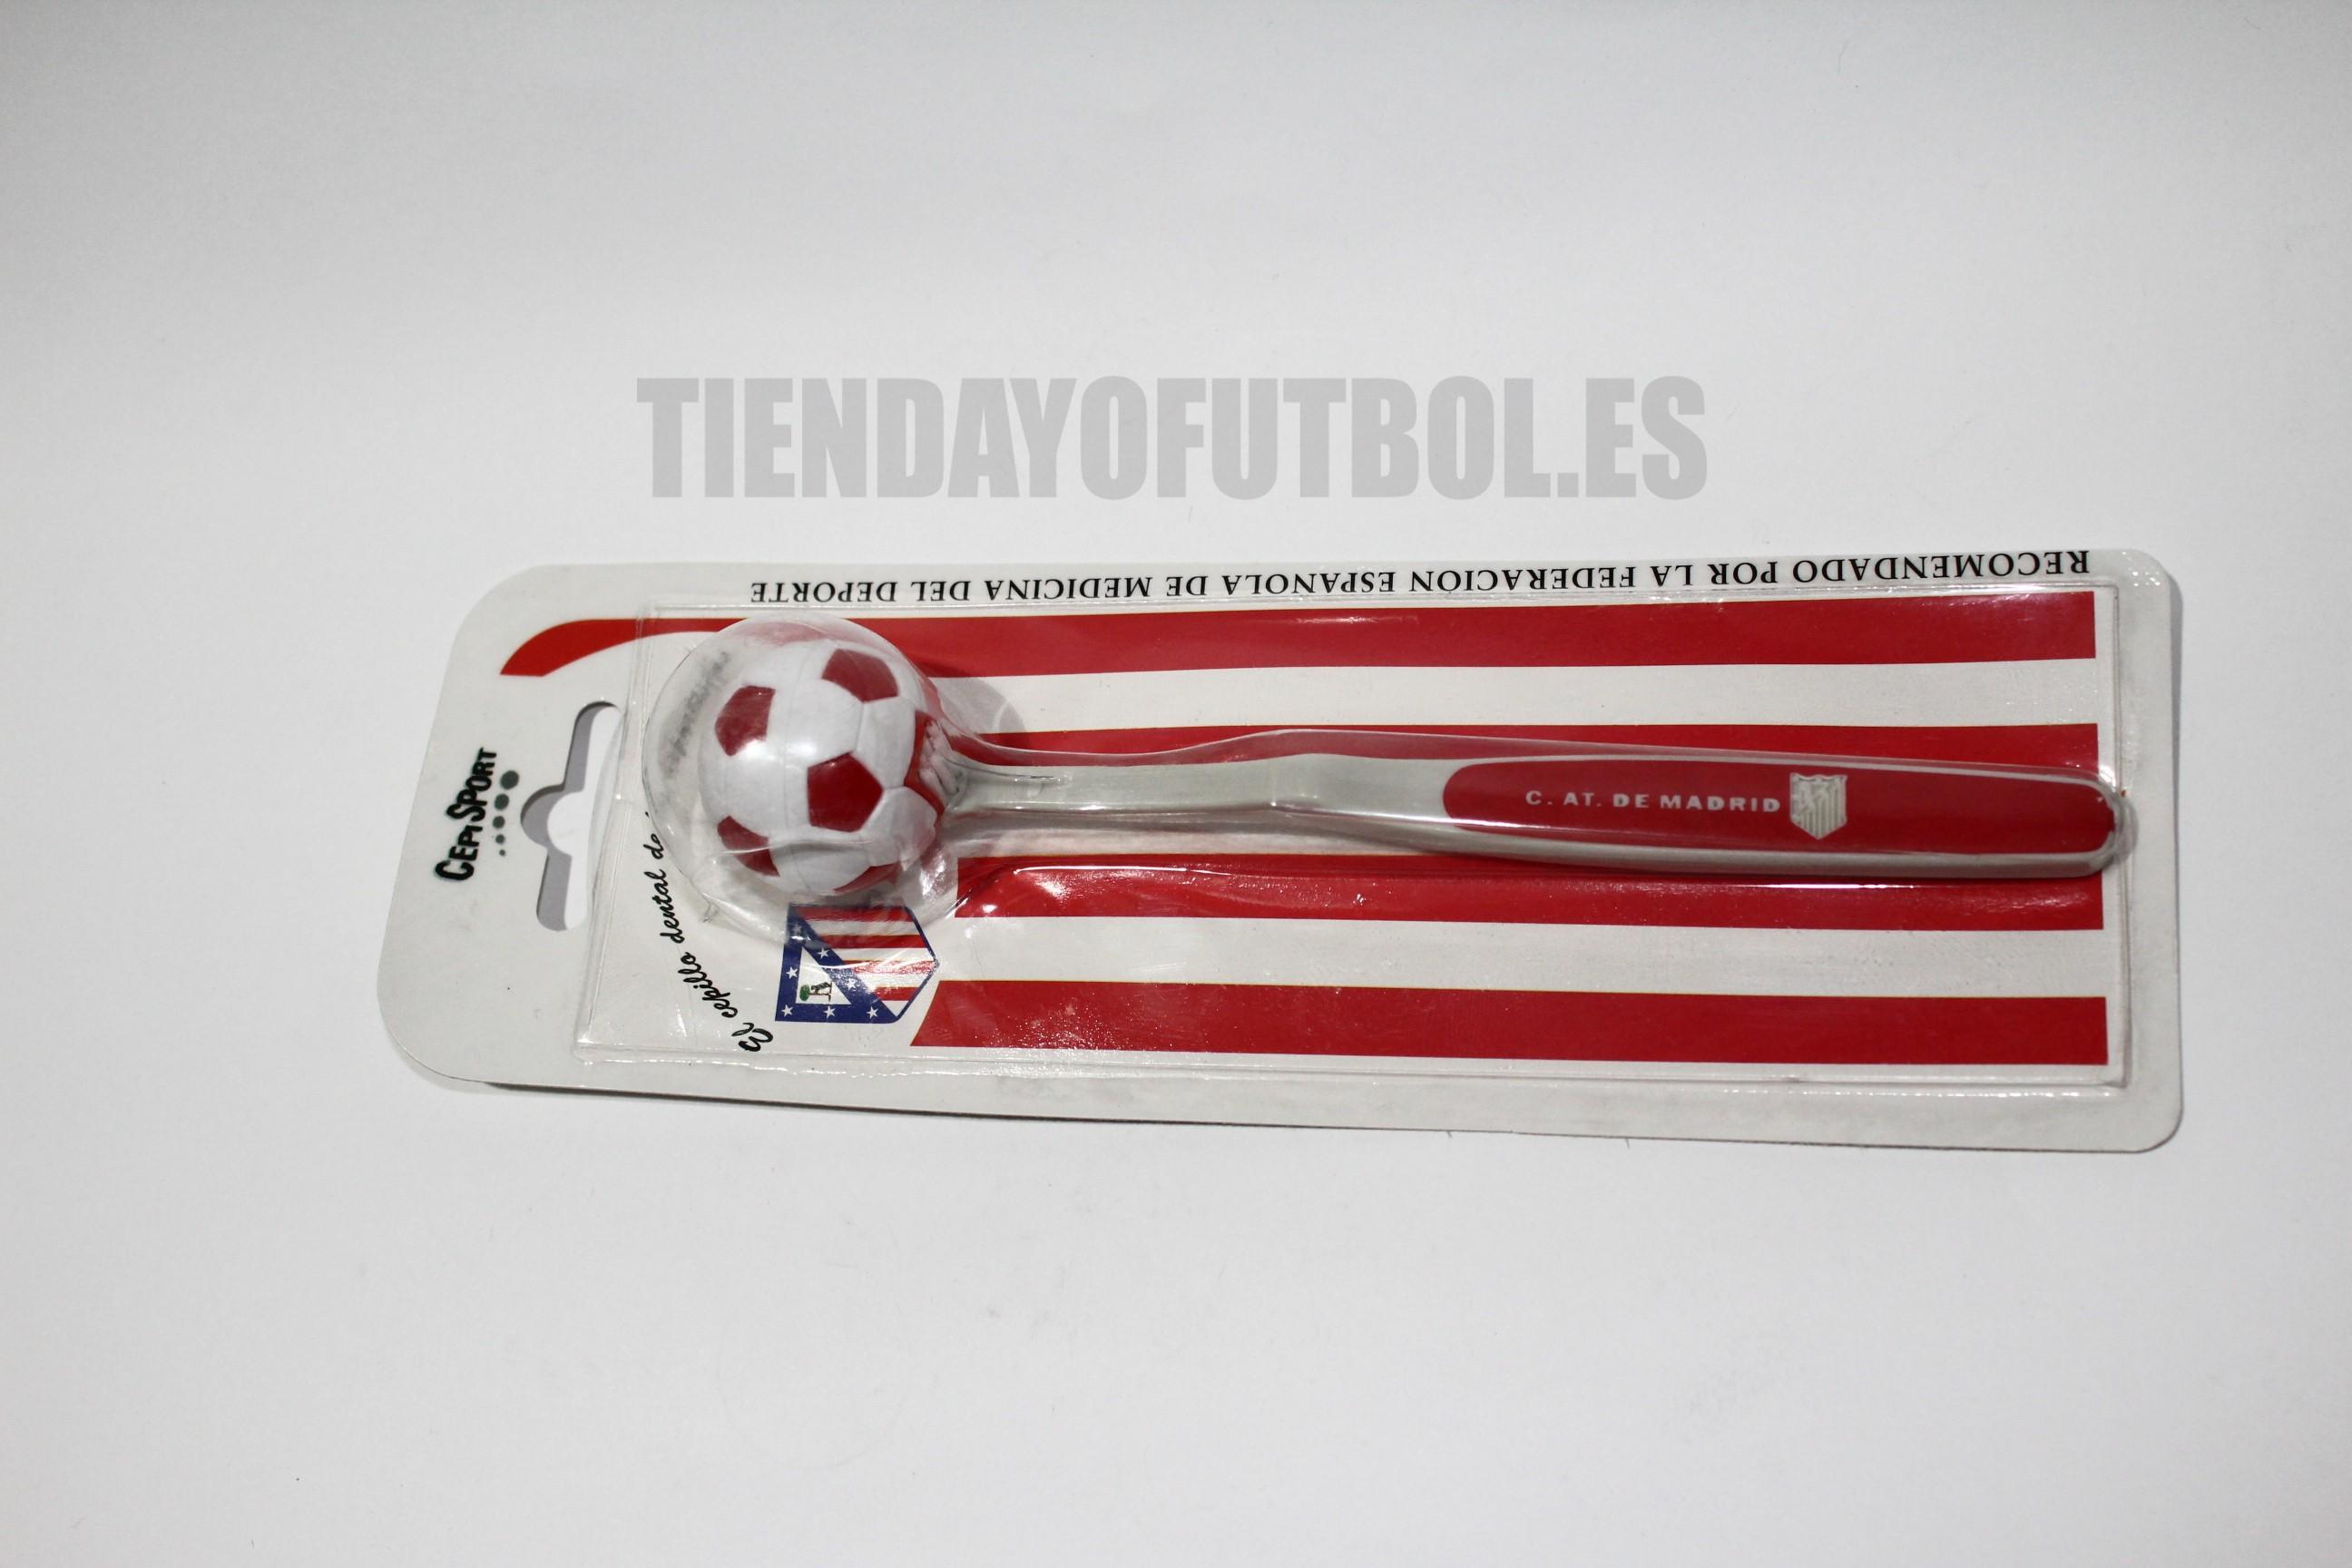 Cepillo de dientes Atlético de Madrid af11d63e0ed0